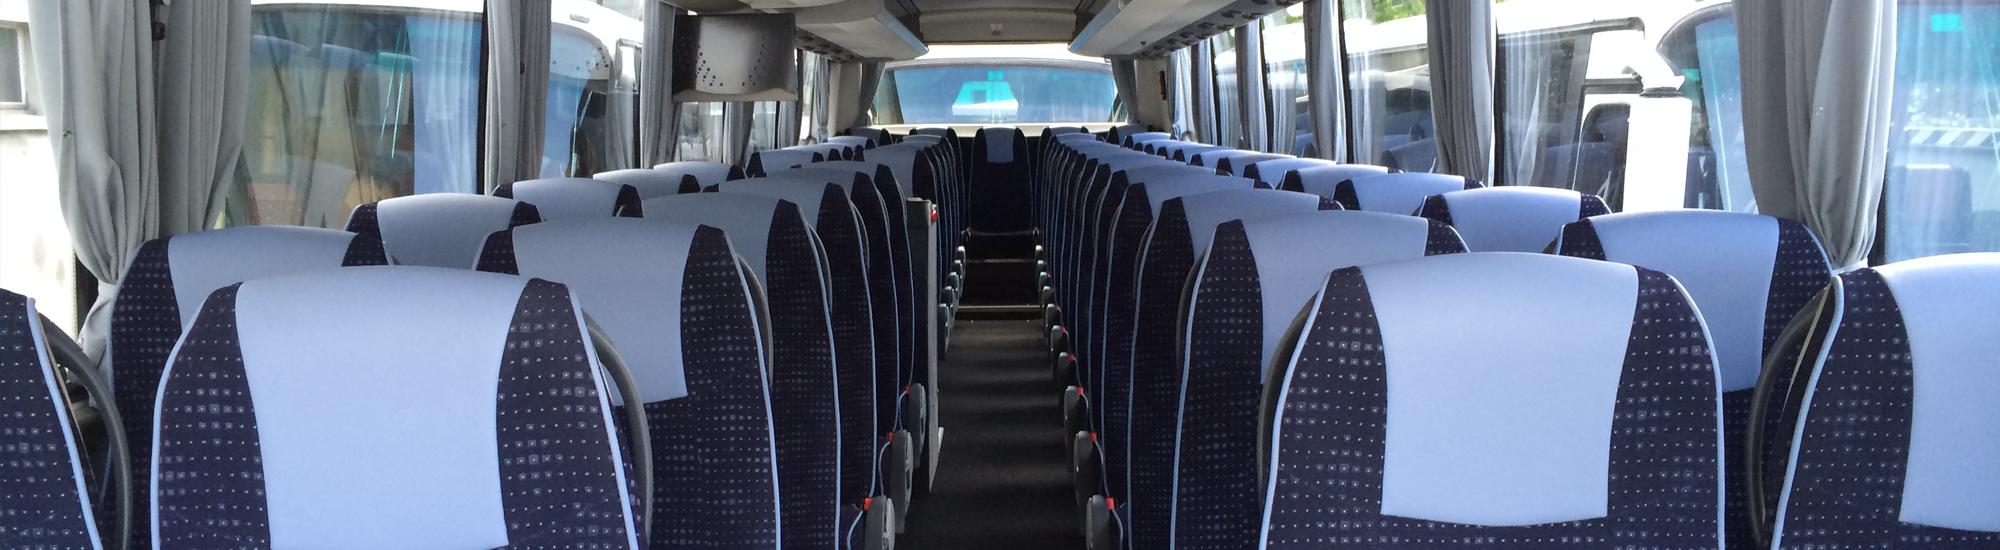 slider-bus2